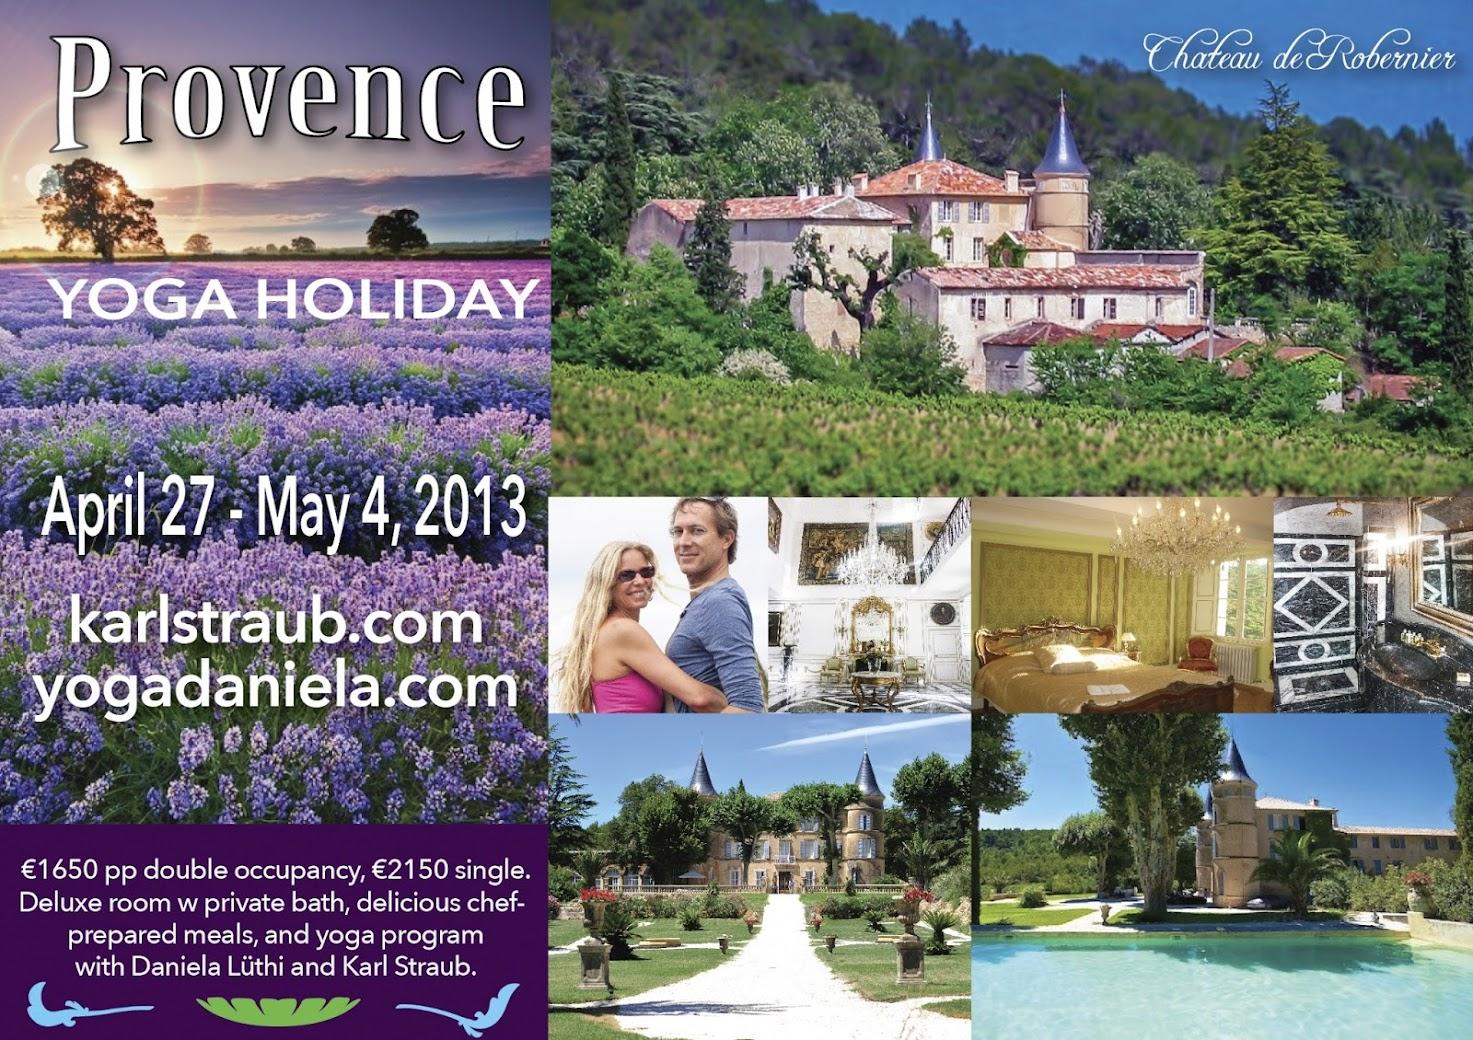 2013 April 27-May 4 Yoga Spa Retreat Provence